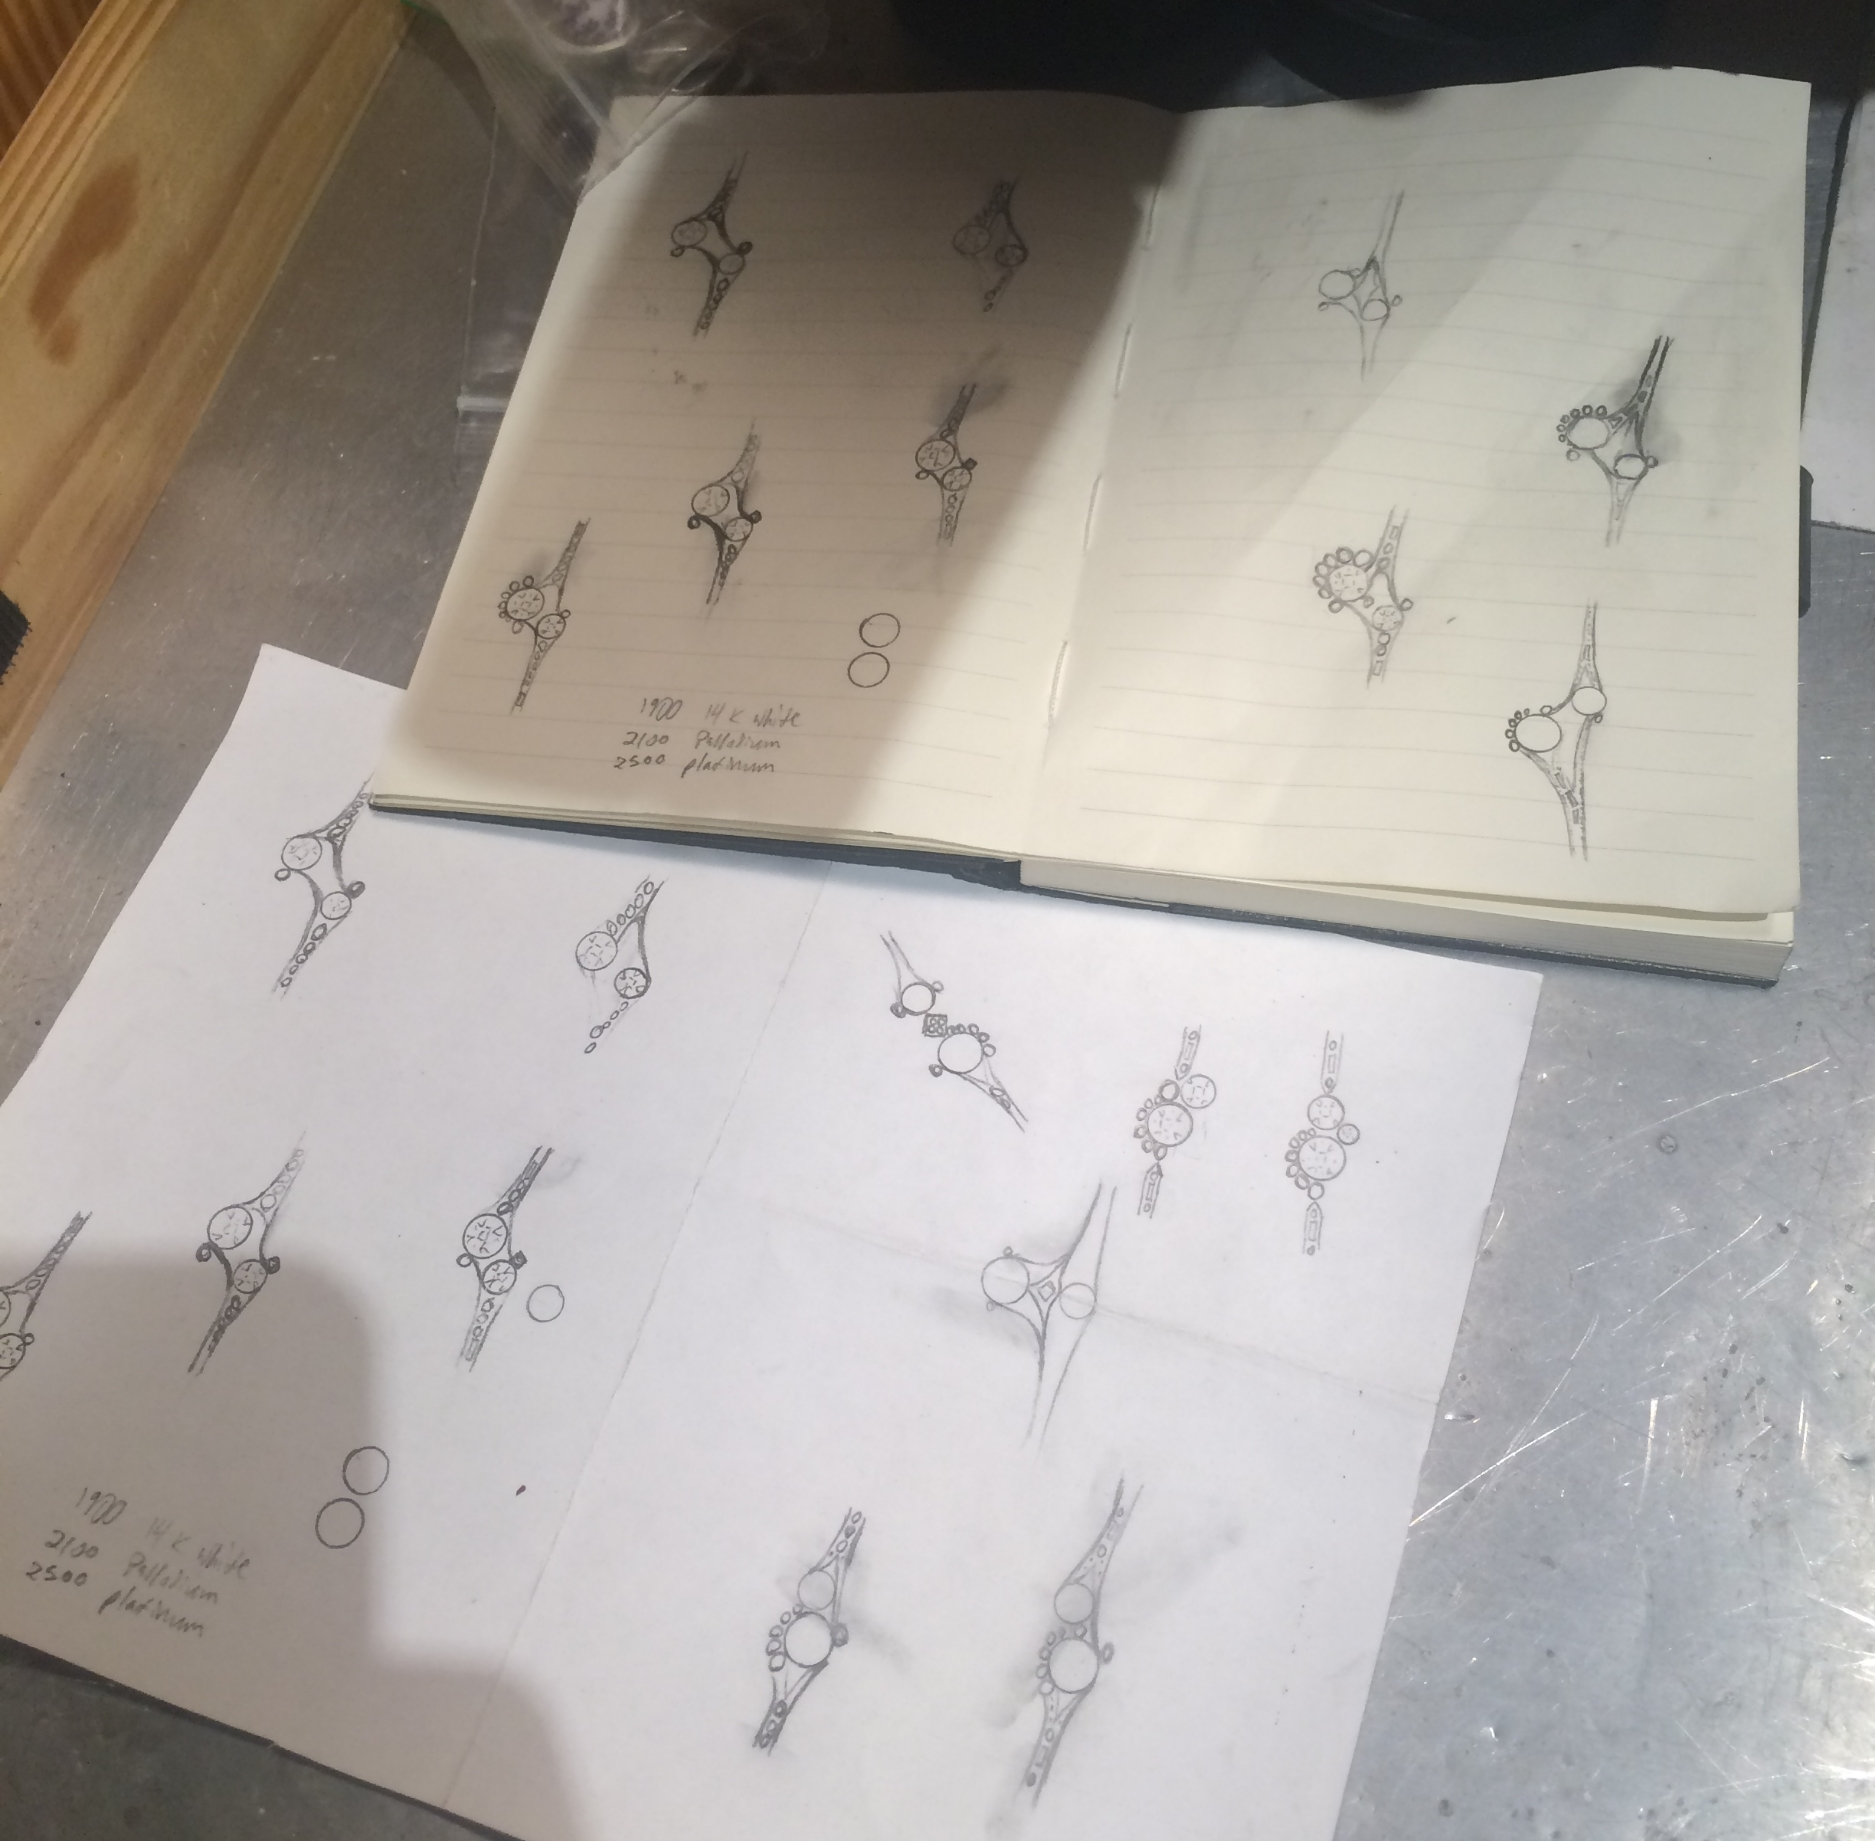 A few more sketches...